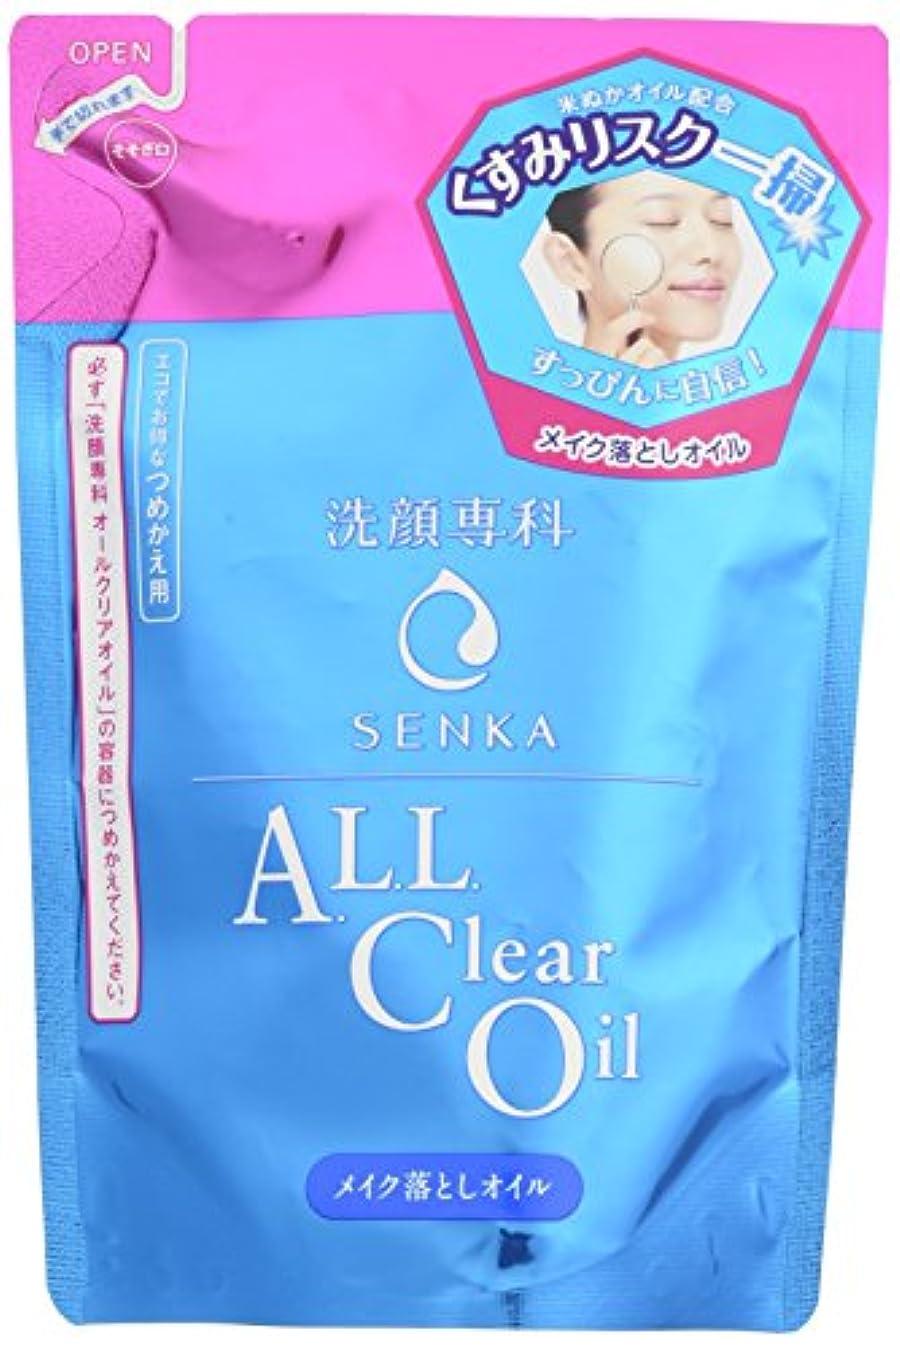 クラッチホバートオーバーヘッド洗顔専科 オールクリアオイル 洗い流し専用 メイク落とし つめかえ用 180mL